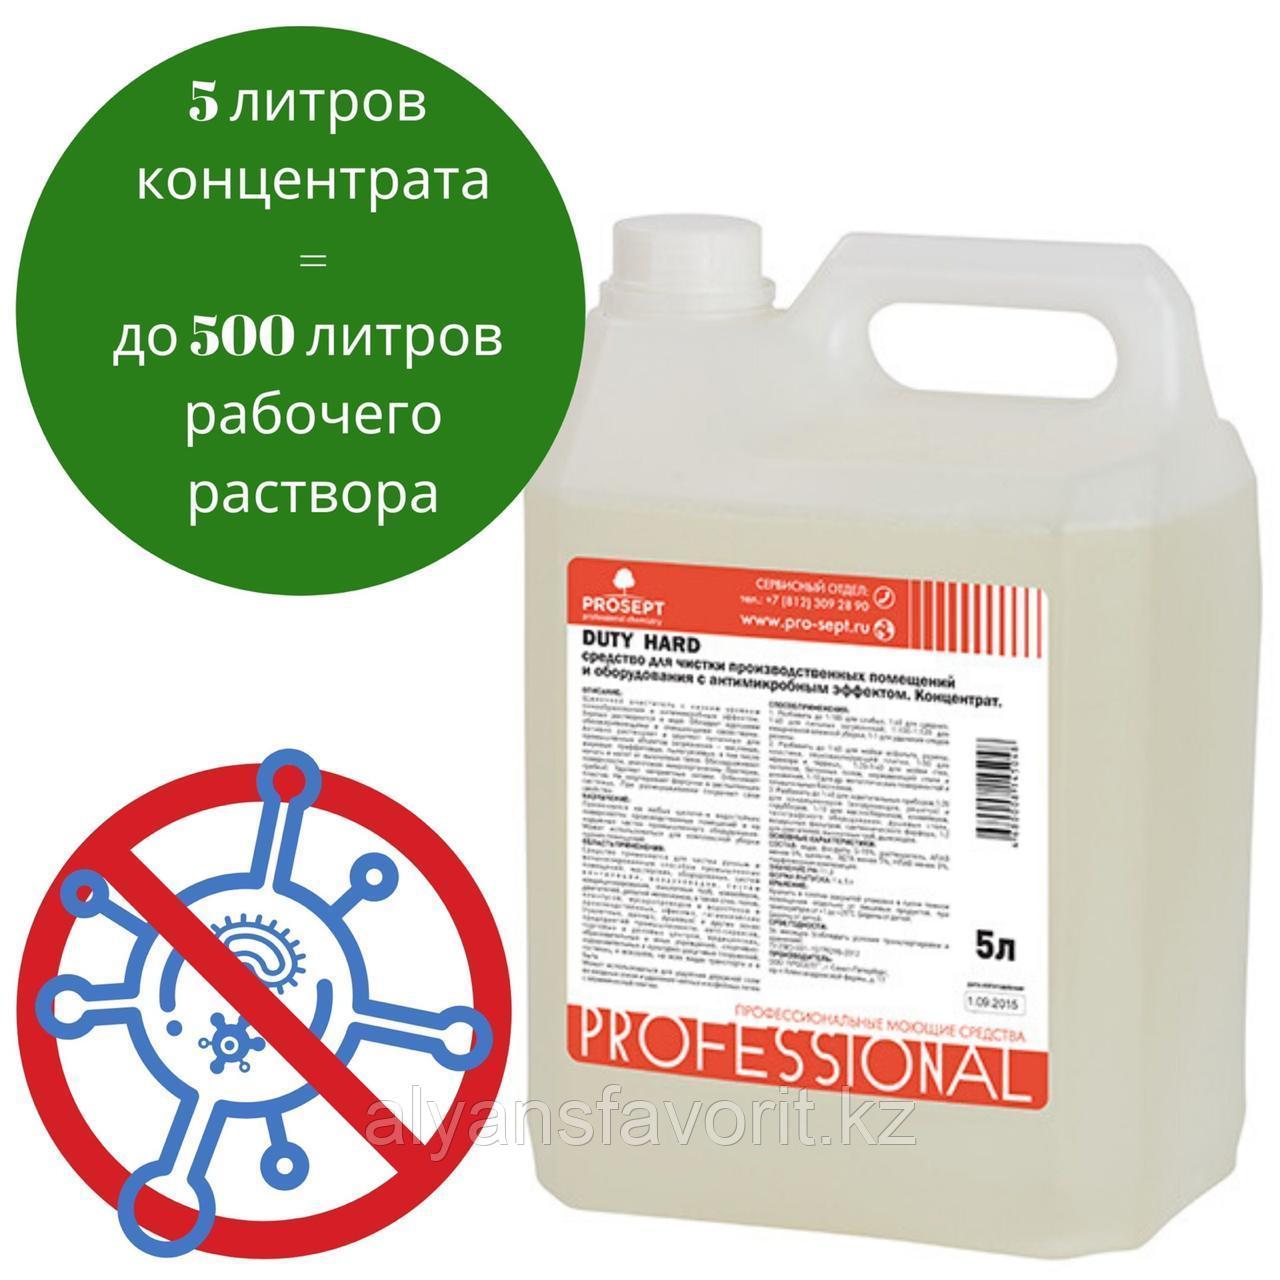 Duty HARD (DZ) - моющее дезинфицирующие средство для производственных помещений. 5 литров. РФ